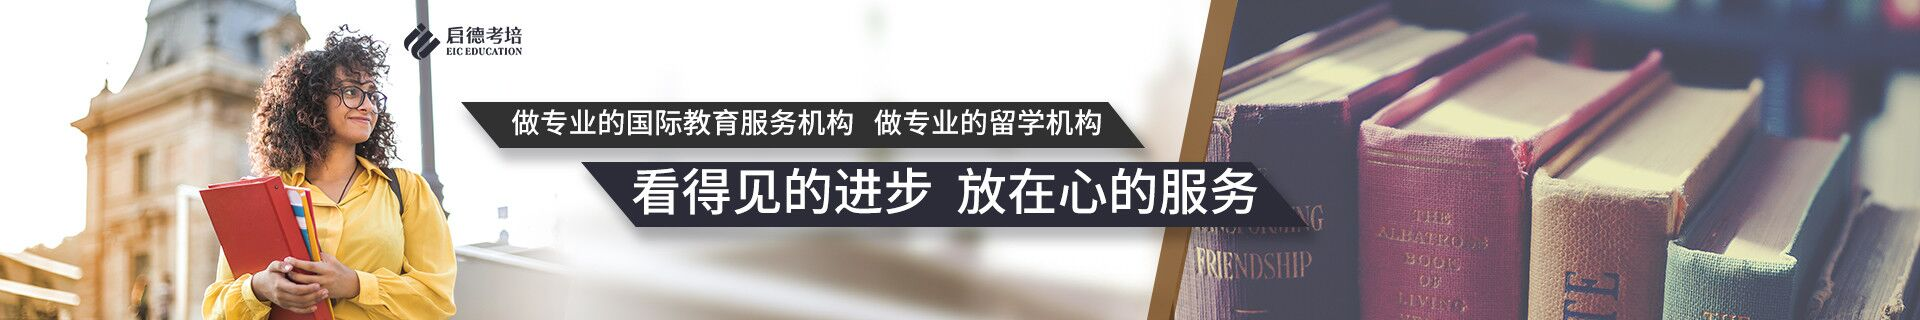 上海徐汇区启德考培培训机构